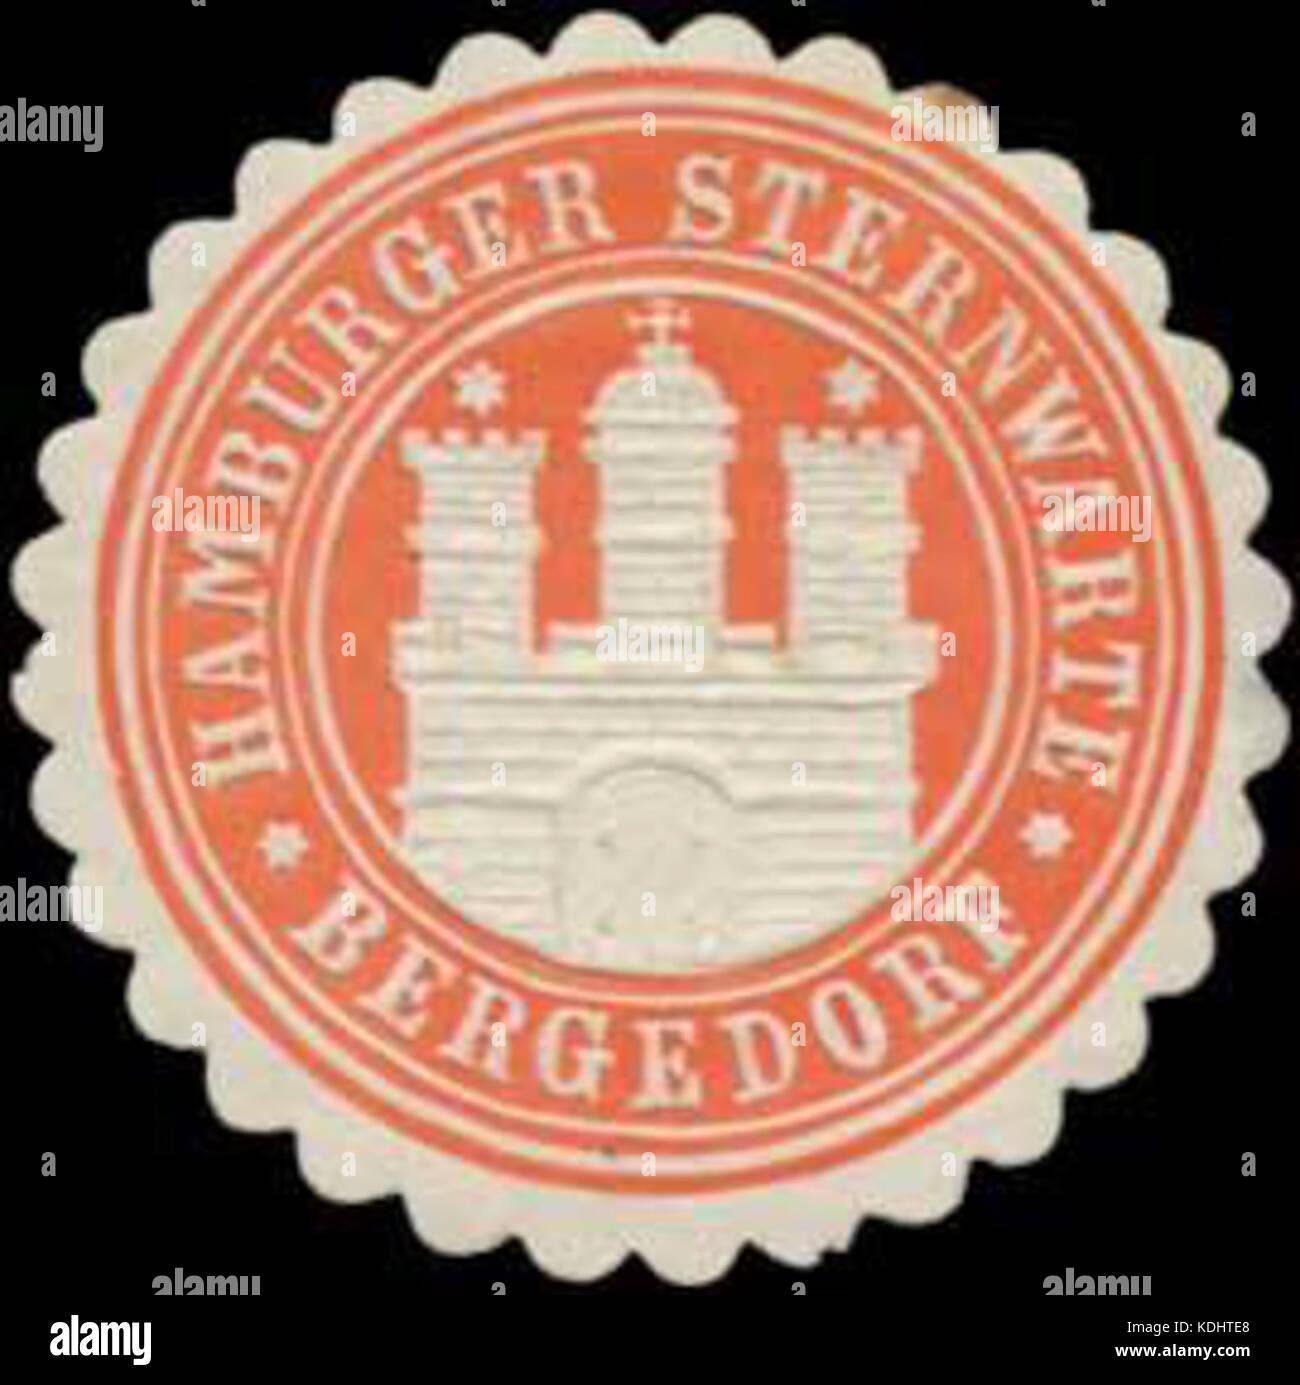 Siegelmarke Hamburger Sternwarte Bergedorf W0384208 Stock Photo